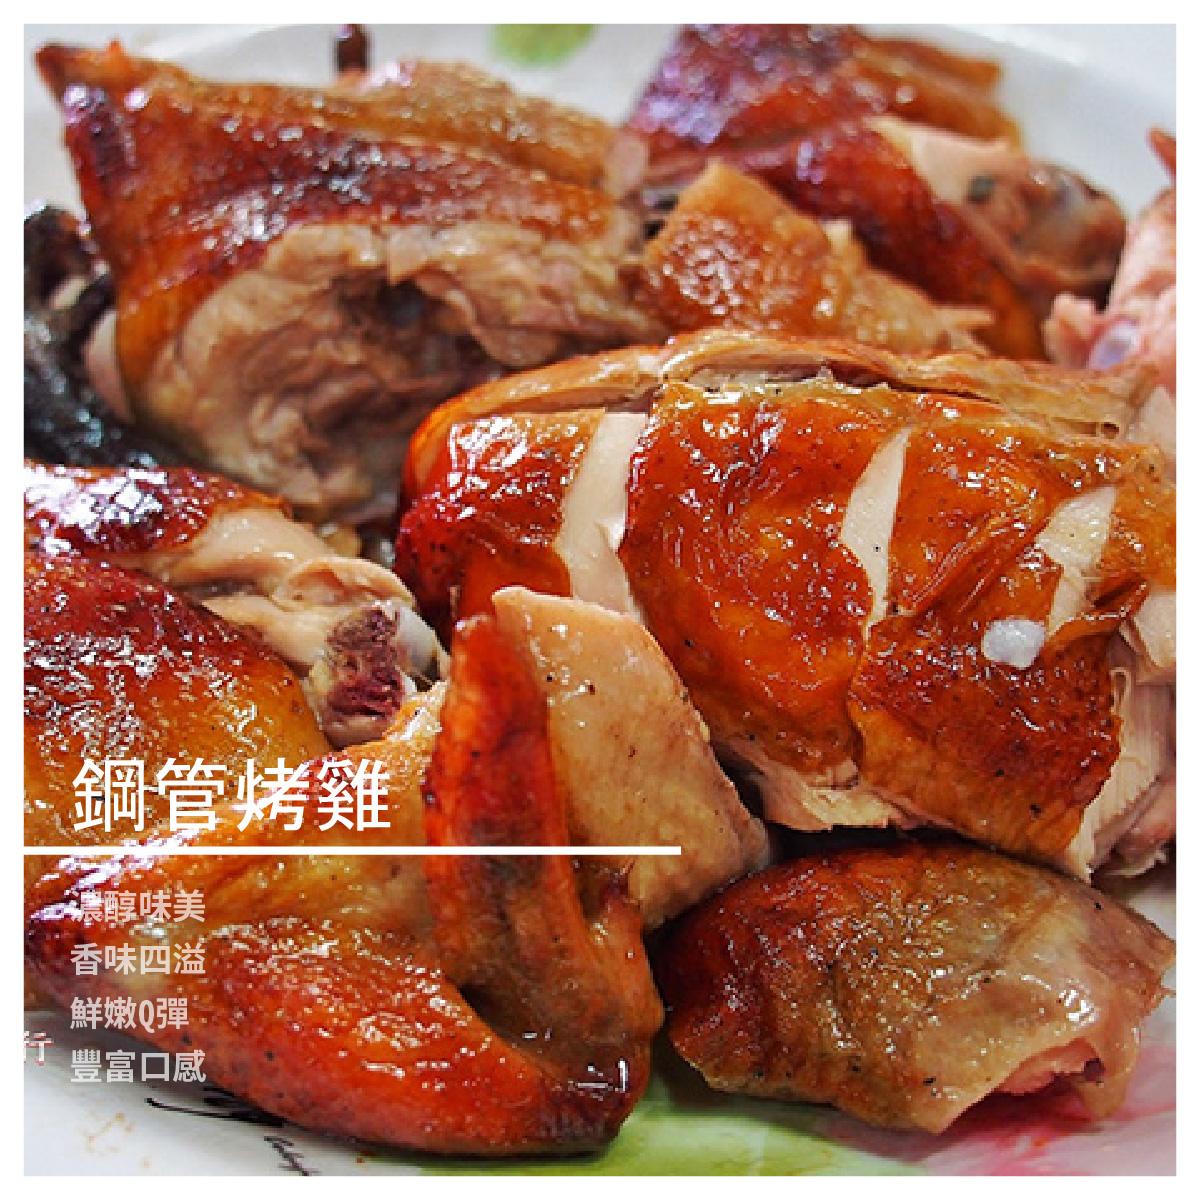 【林俊逸鋼管烤雞】烤雞/隻